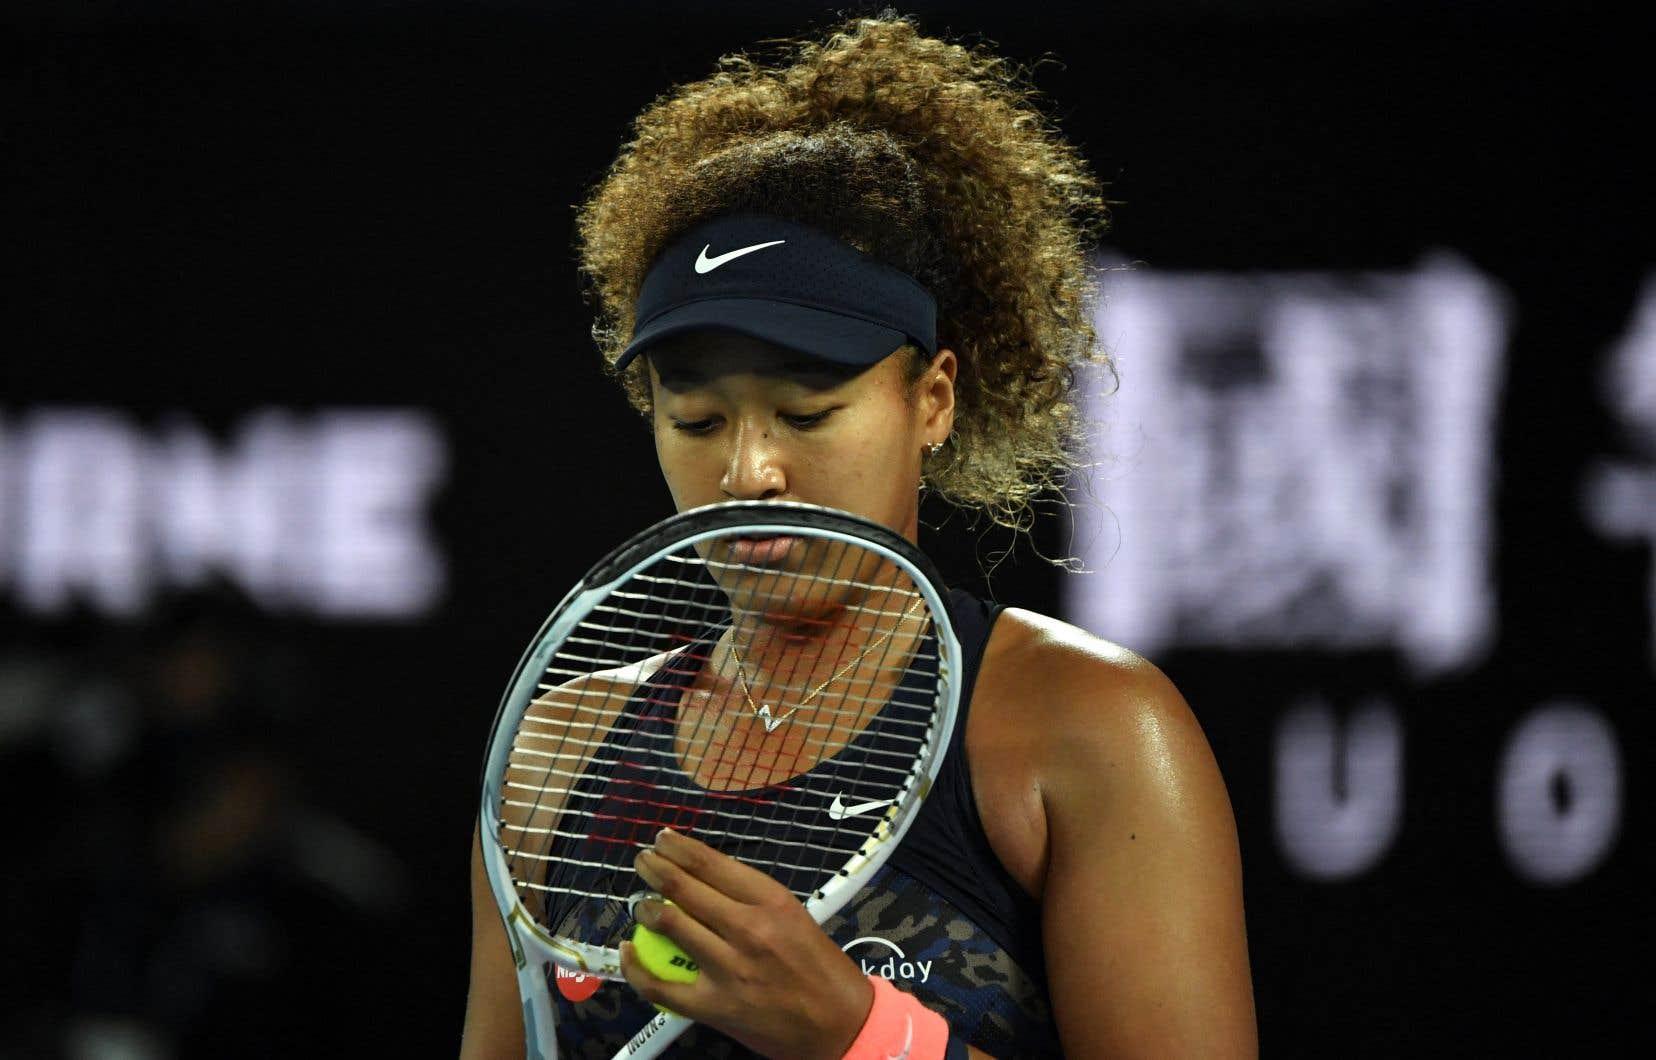 Osaka a décidé de se retirer du tournoi de Roland-Garros, lundi, affirmant qu'elle ressentait «d'énormes vagues d'anxiété» avant de rencontrer les médias et révélant qu'elle avait «souffert de longues périodes de dépression».